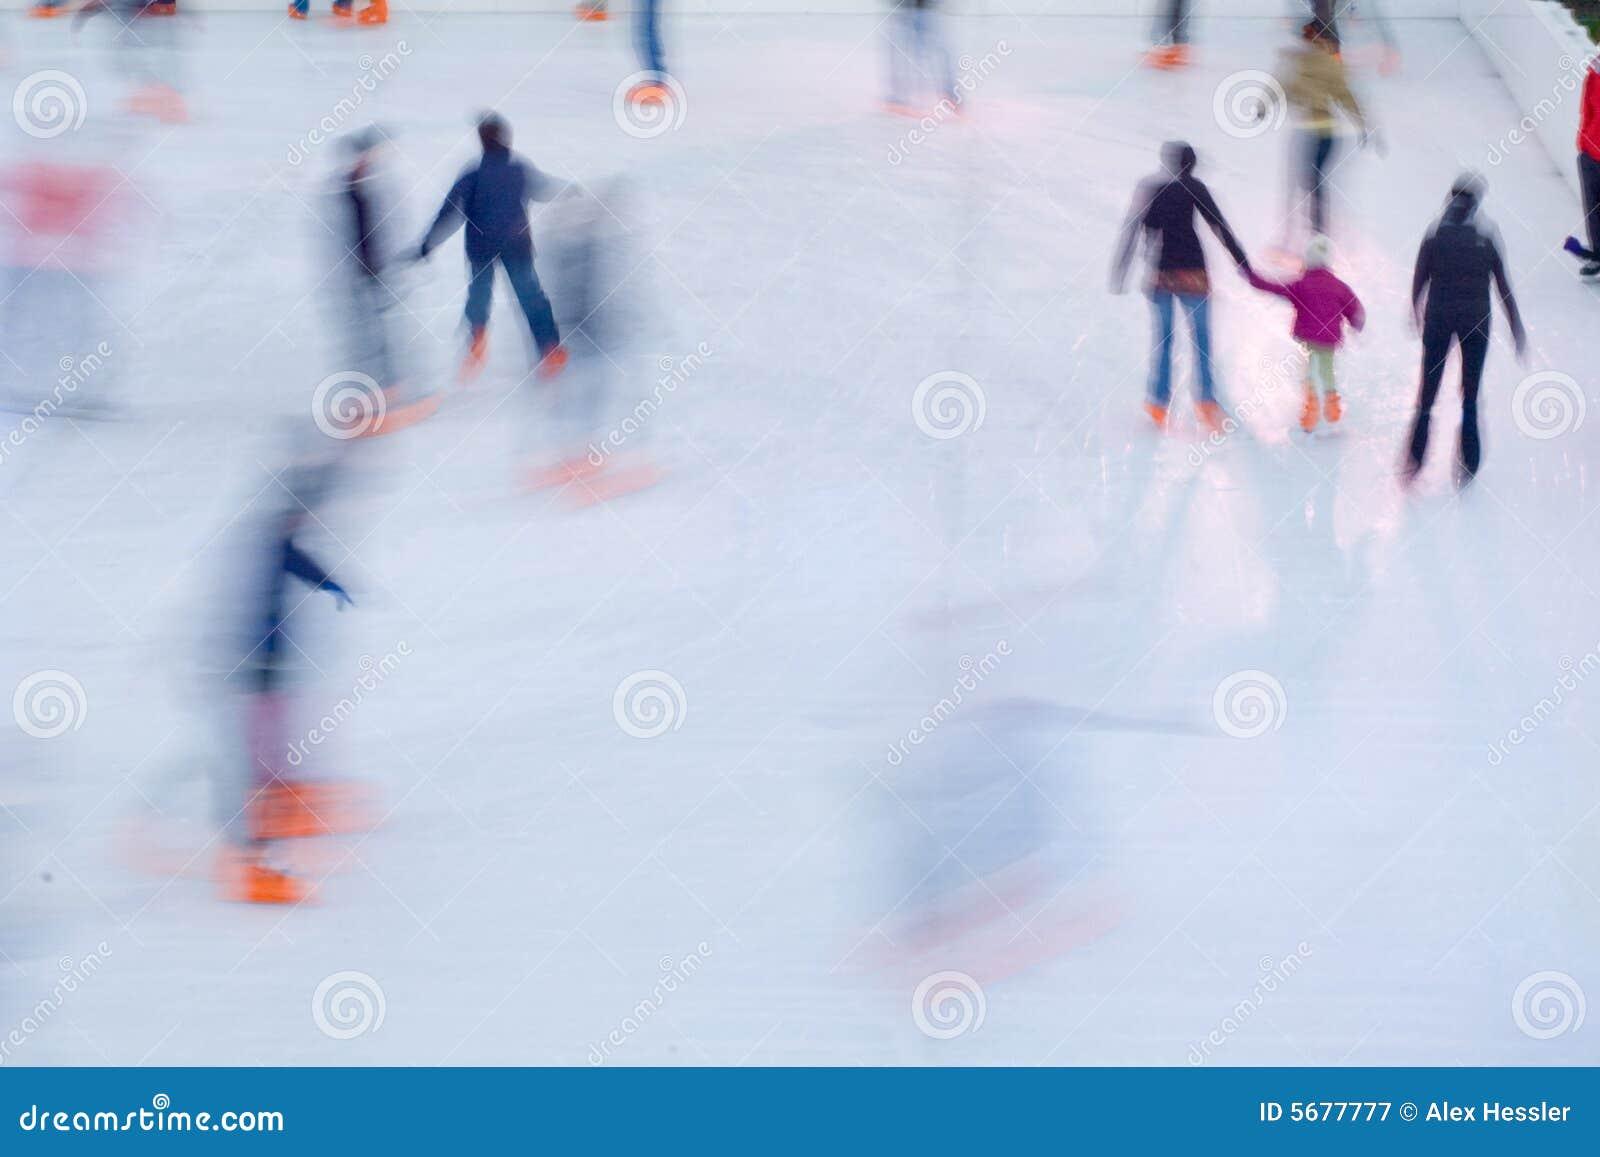 Pattinatori di ghiaccio